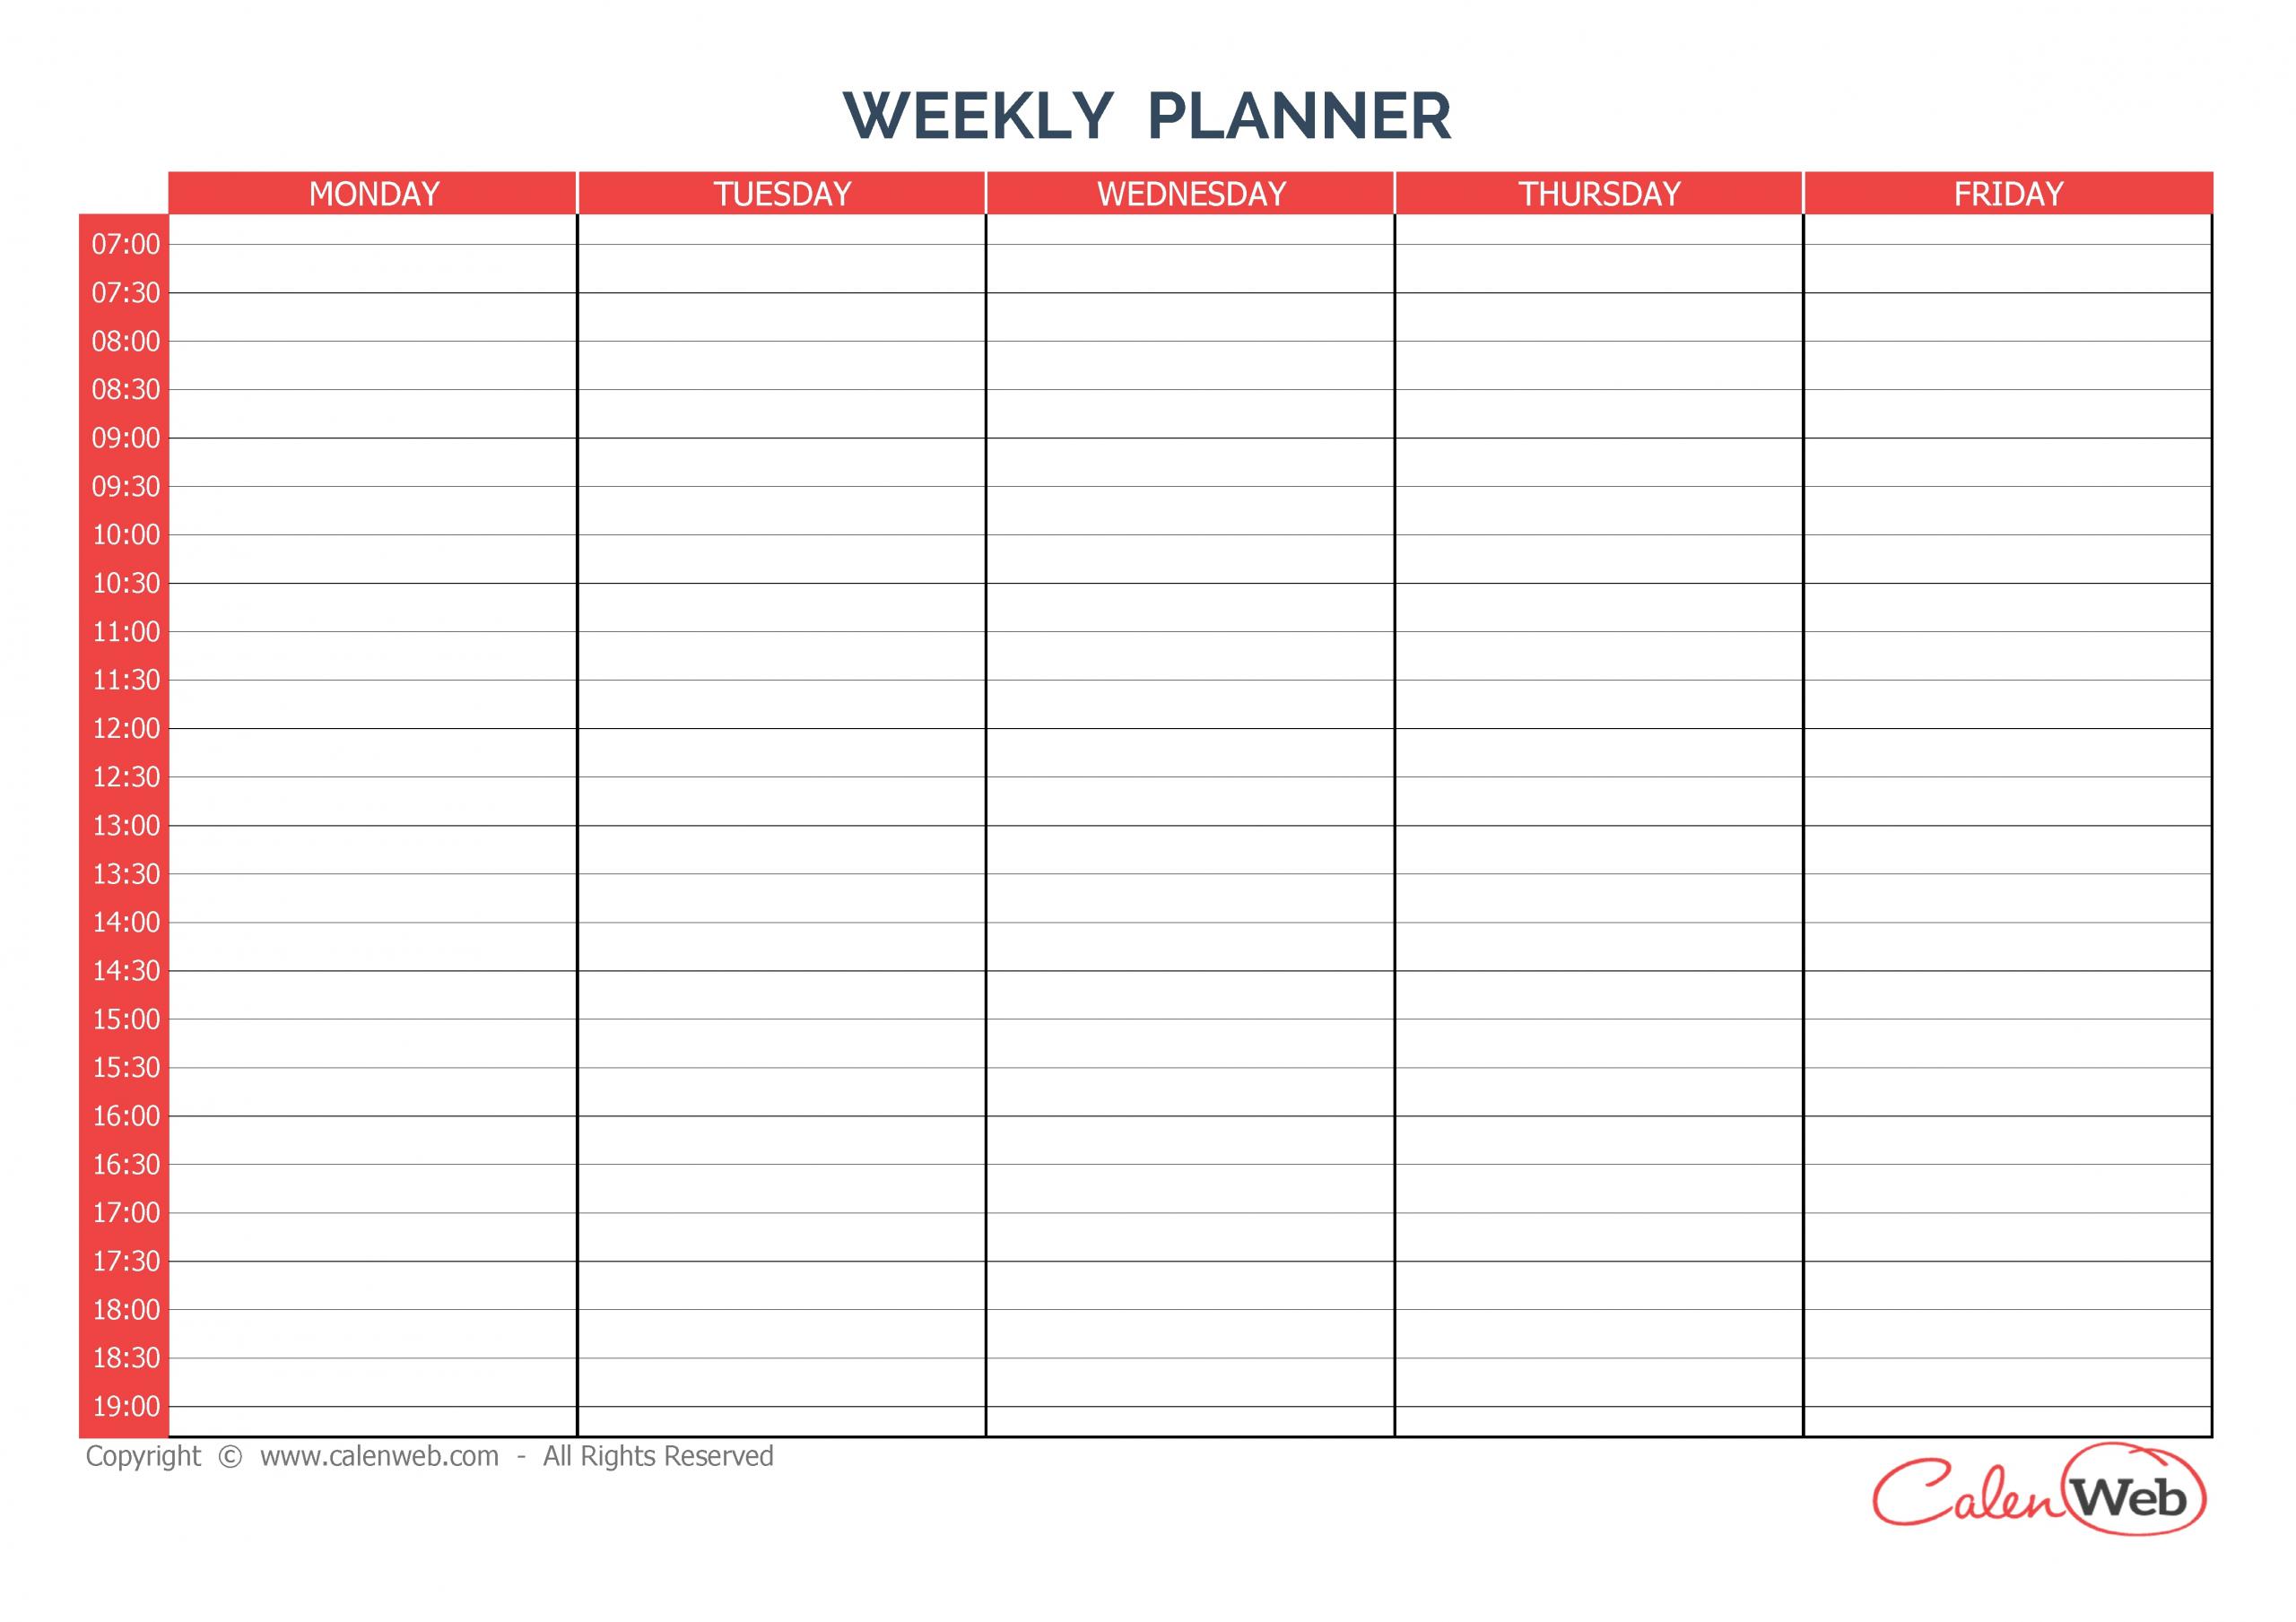 5 Day Weekly Calendar Printable   Example Calendar Printable Free 5 Day Calendar Template